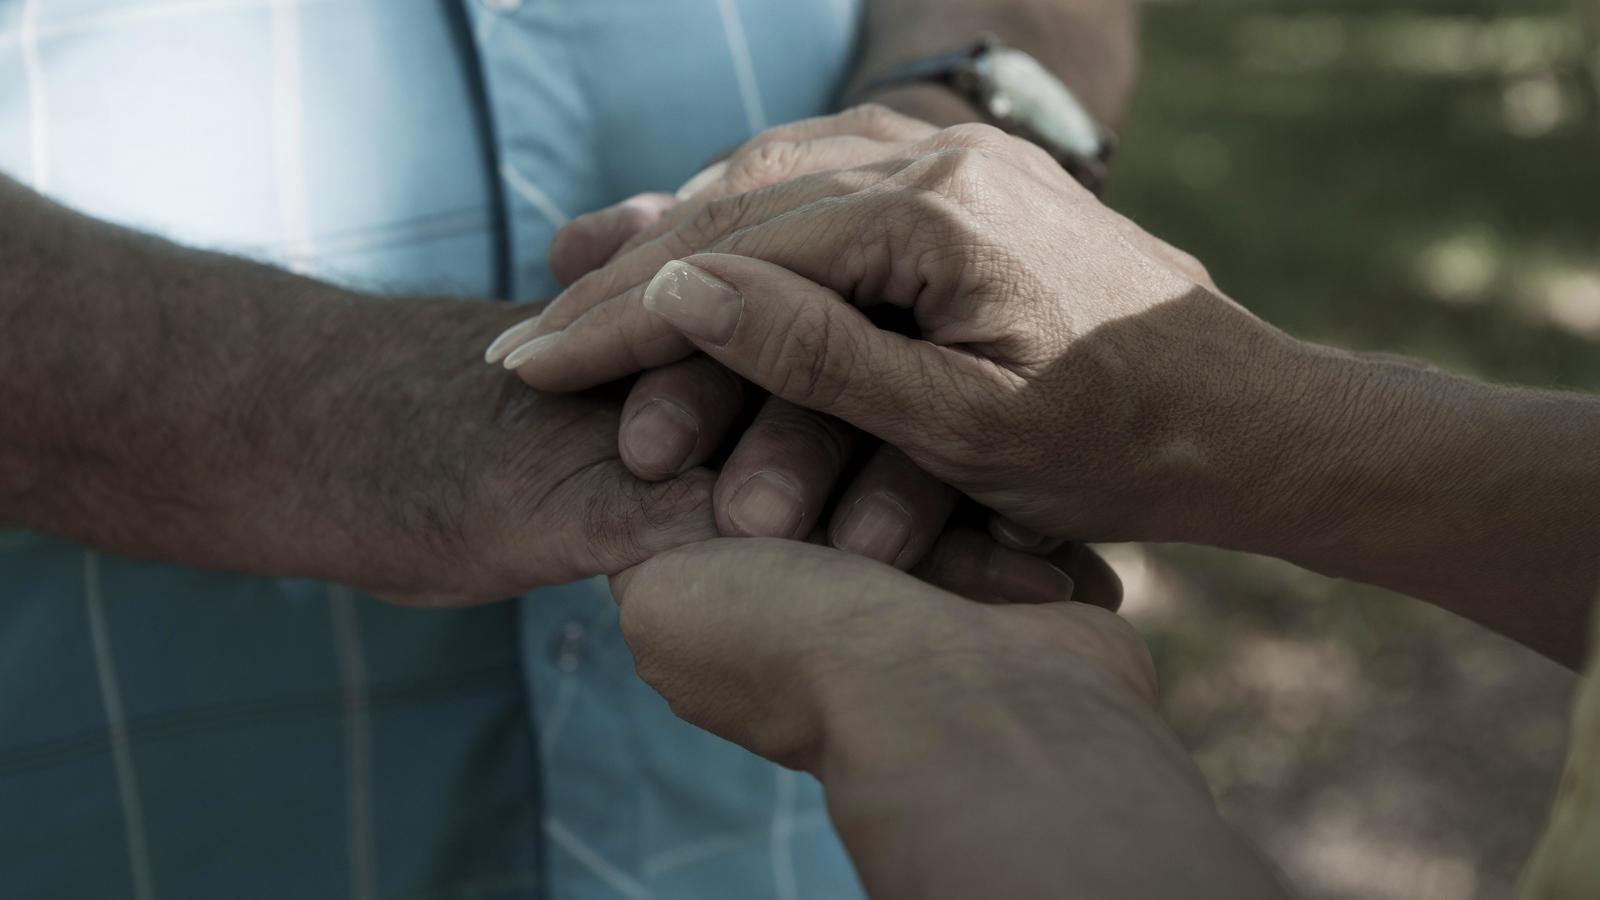 Mit den Kräften am Ende: Pflege im Dauerstress